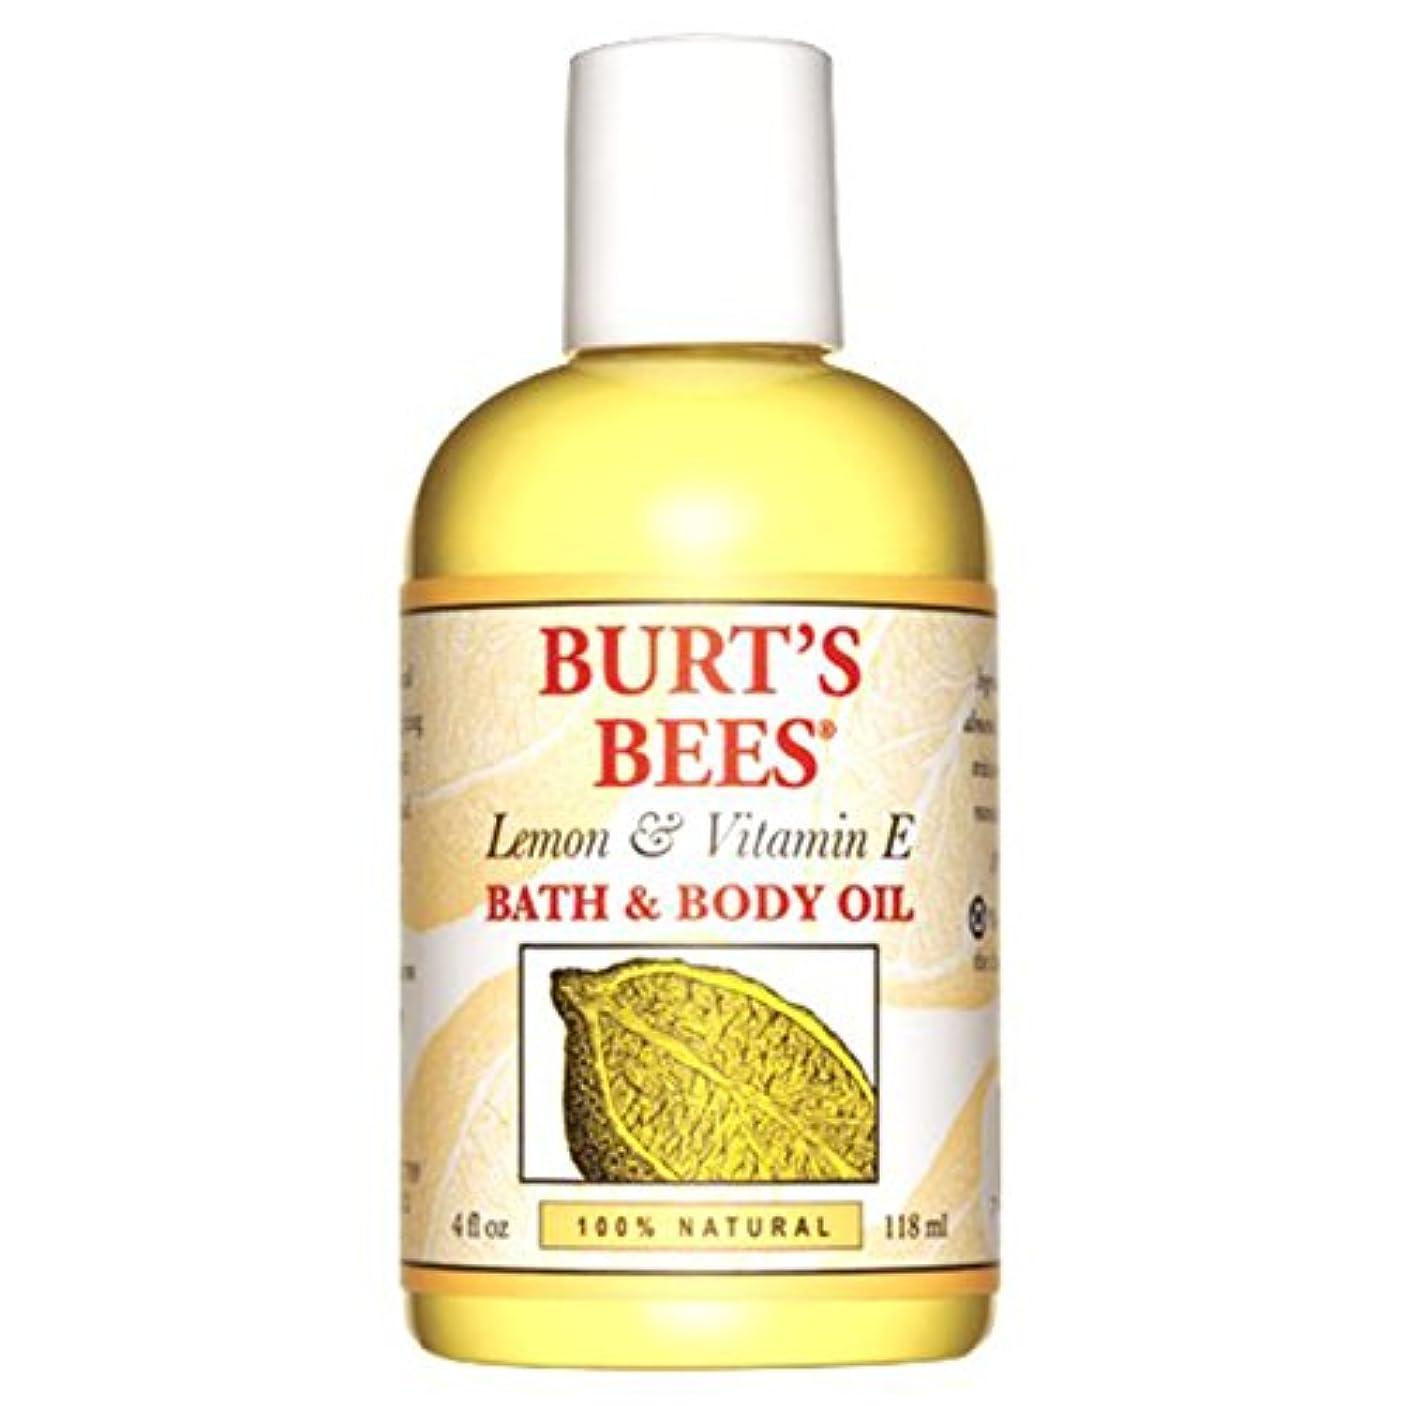 部ホット深くバーツビーズ (Burt's Bees) L&E バス&ボディオイル 118ml